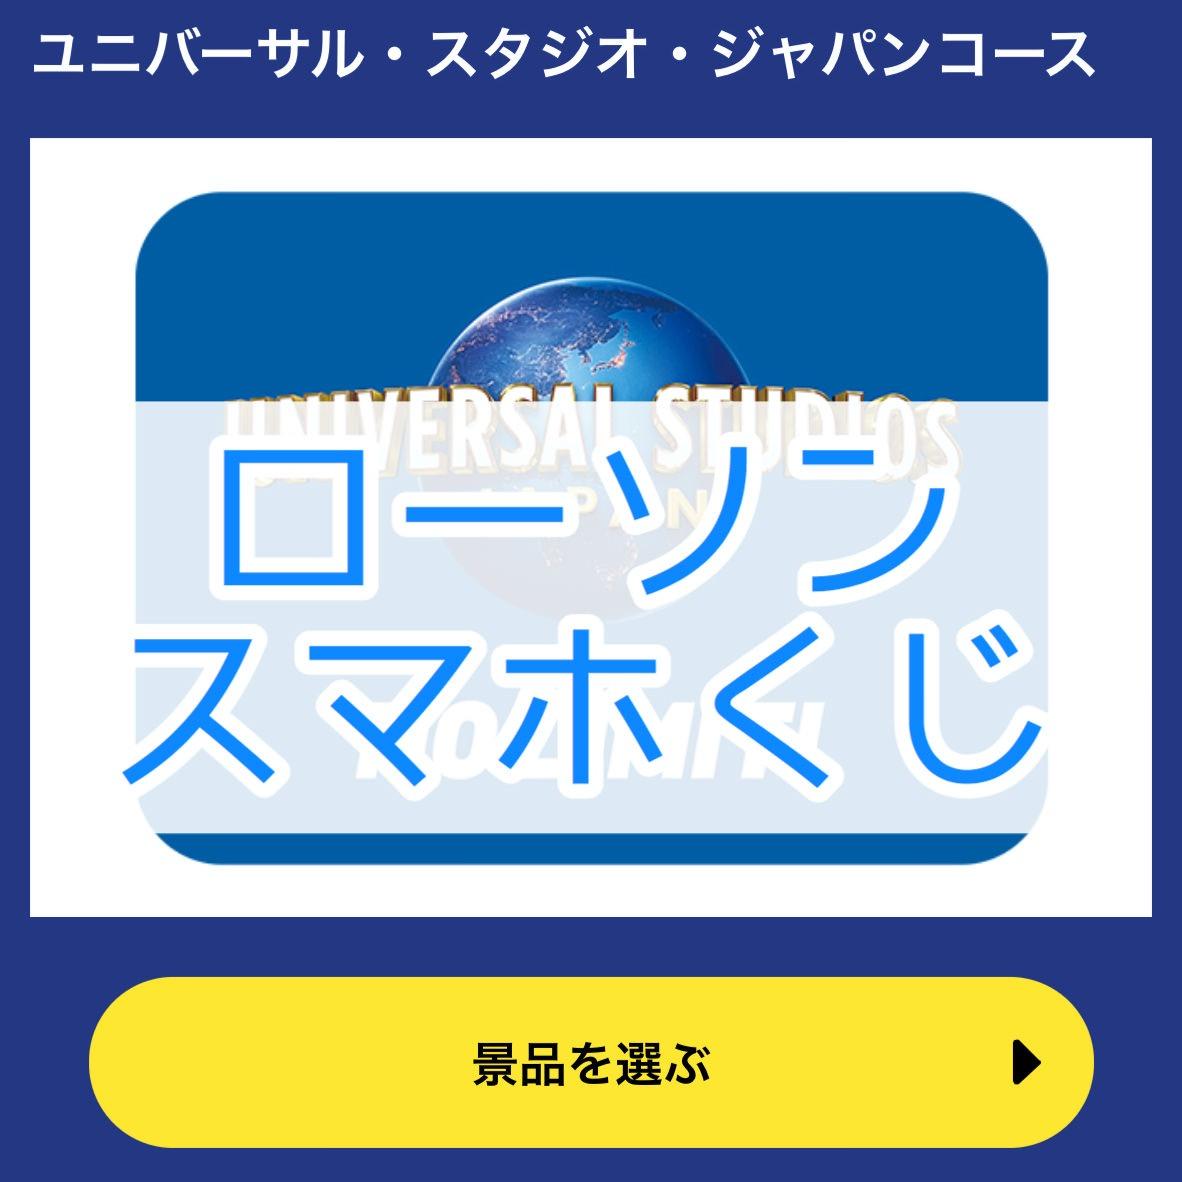 【ローソン】700円以上の購入で引ける箱のスピードくじが「スマホくじ」になってた!